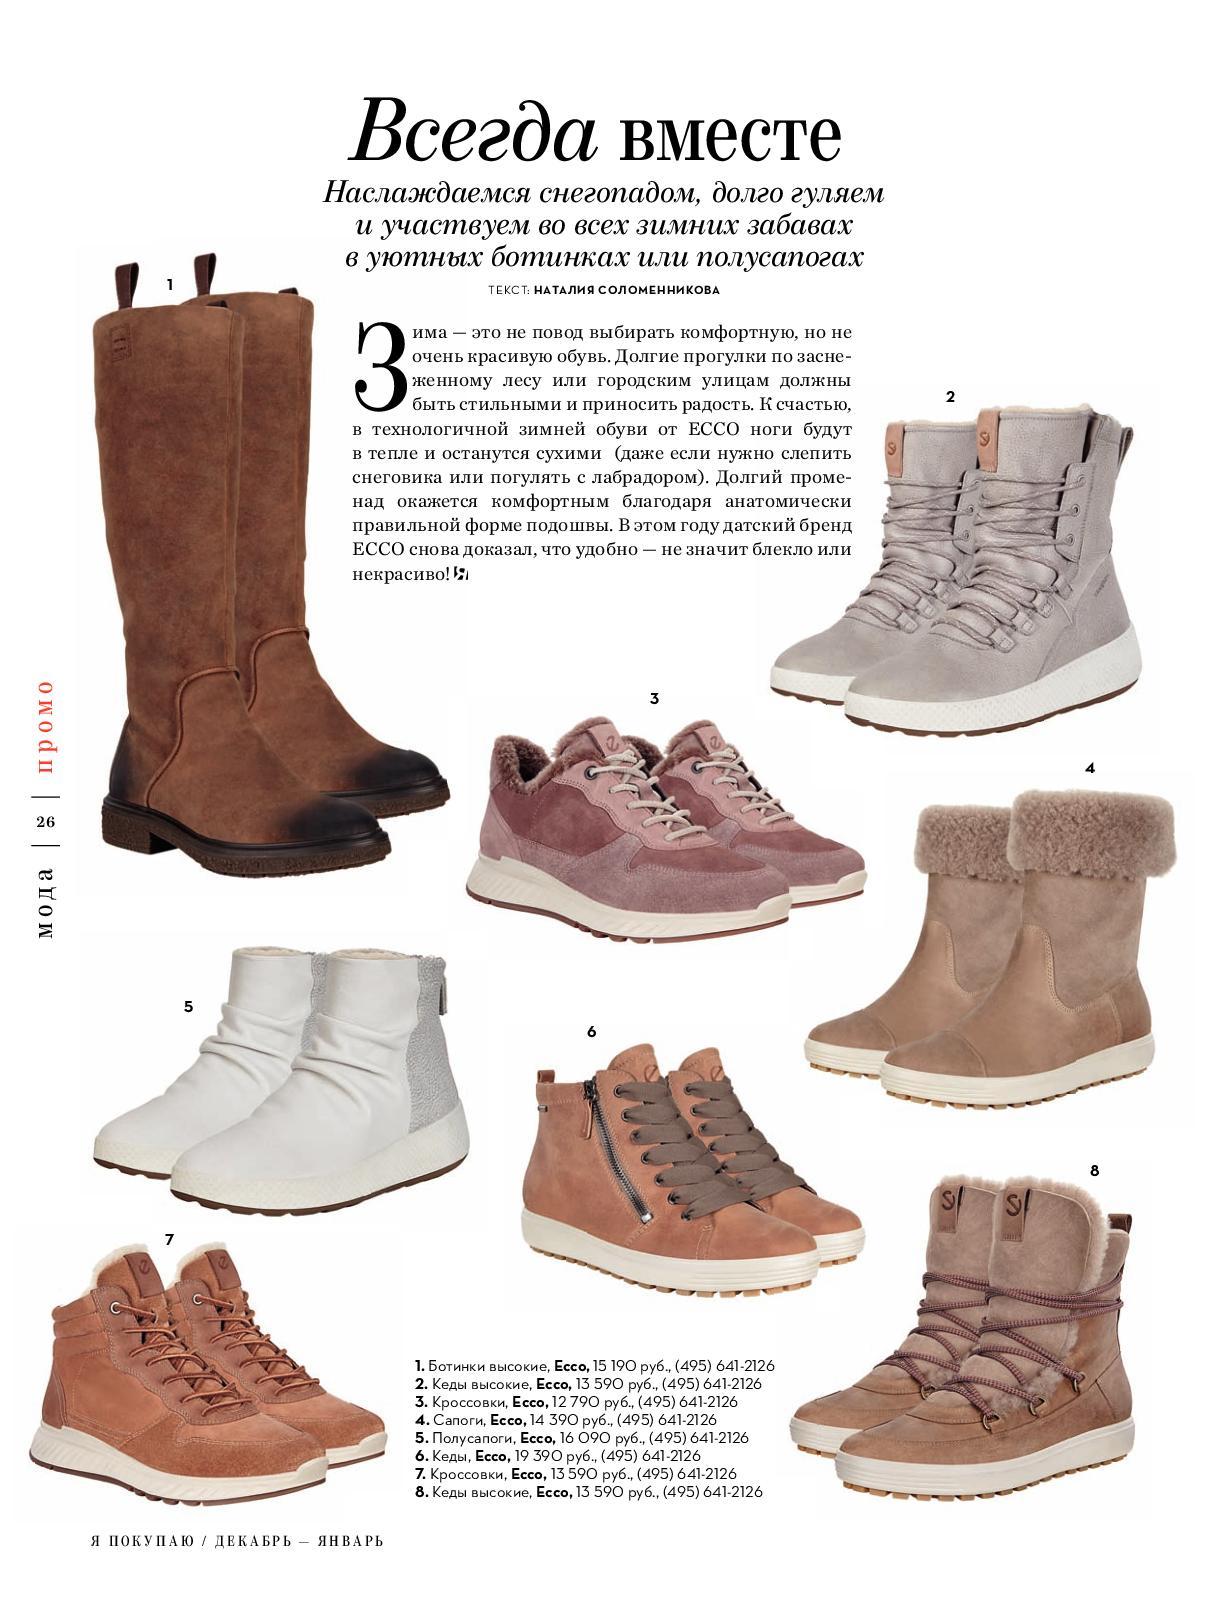 061ac4e2e Shopping Guide «Я Покупаю. Юг», декабрь-январь 2018 - CALAMEO Downloader